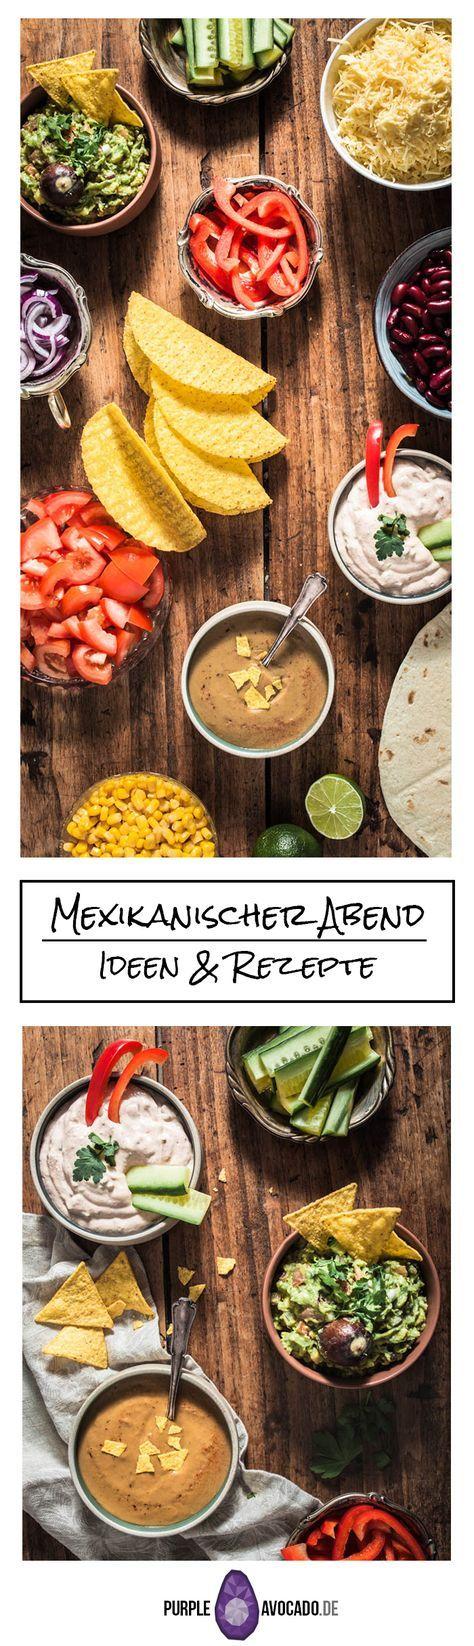 Rezepte und Inspiration für einen veganen / vegetarischen mexikanischen Abend mit Tortillas, Tacos, Gemüse und Rezepten für verschiedene Dips, sowie Blumenkohl Wings und pulled BBQ jackfrucht